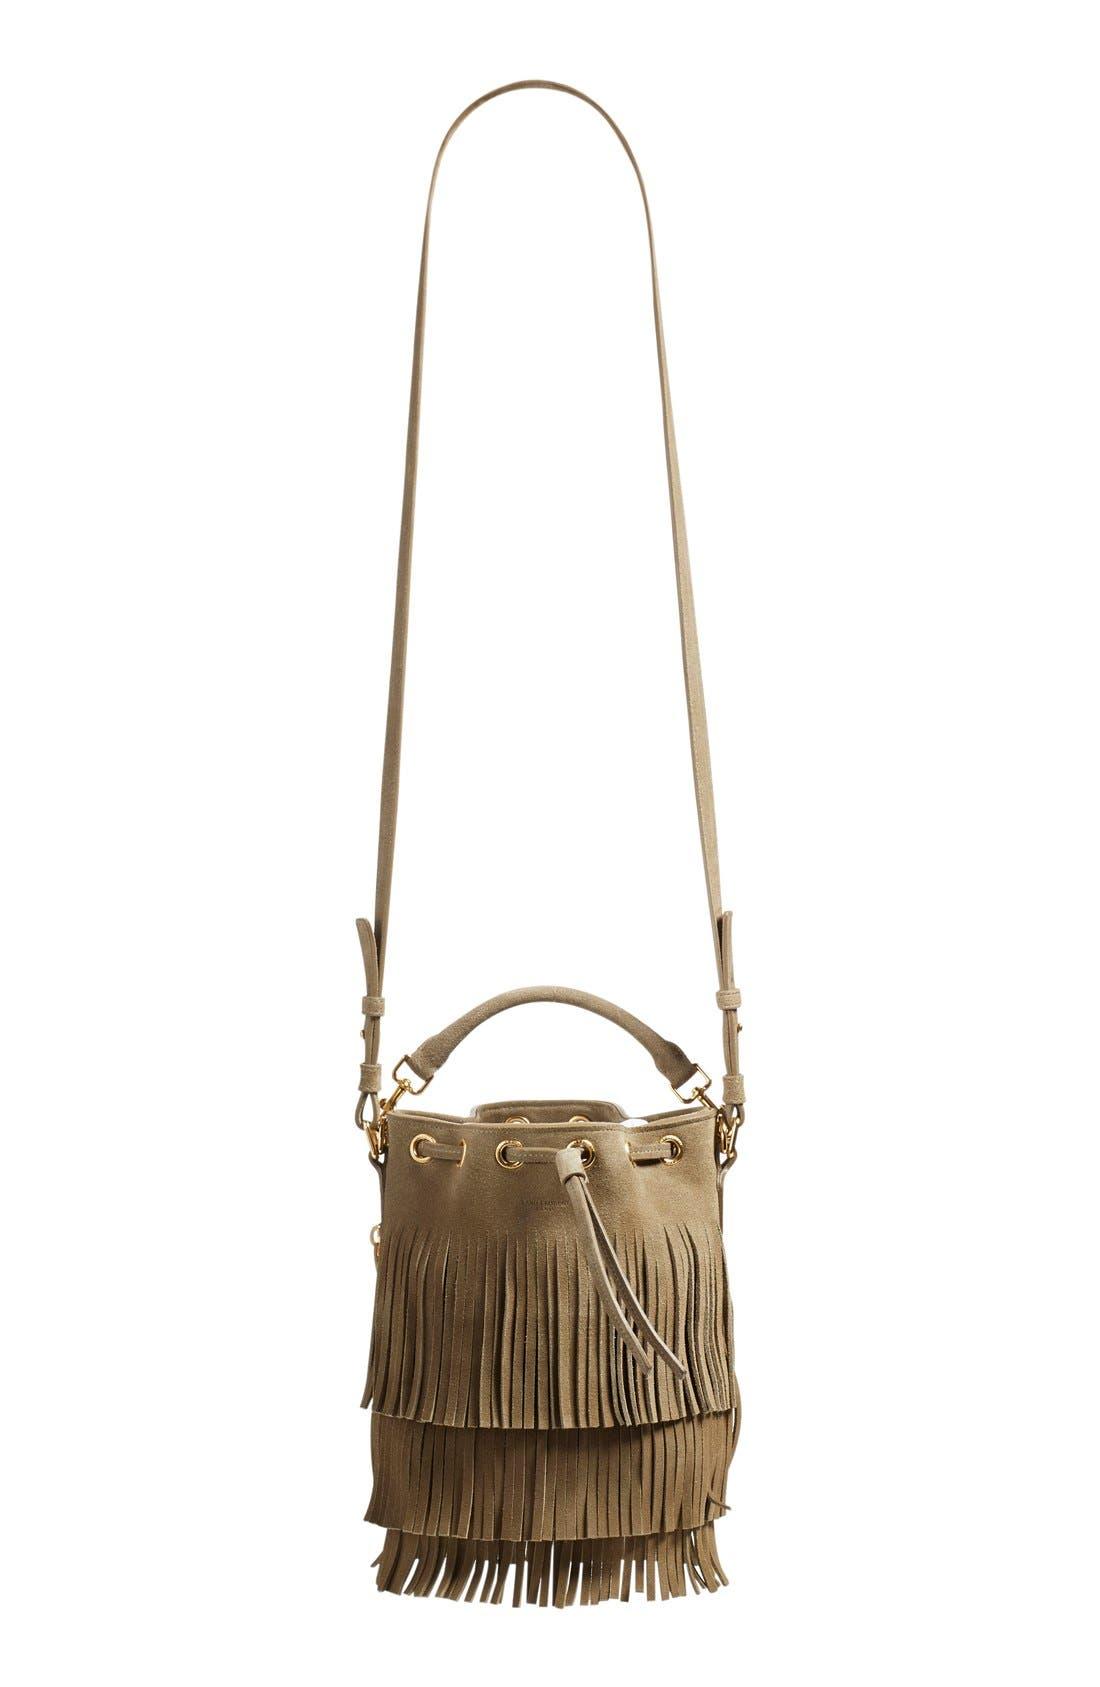 Alternate Image 1 Selected - Saint Laurent 'Emmanuelle' Suede Fringe Bucket Bag